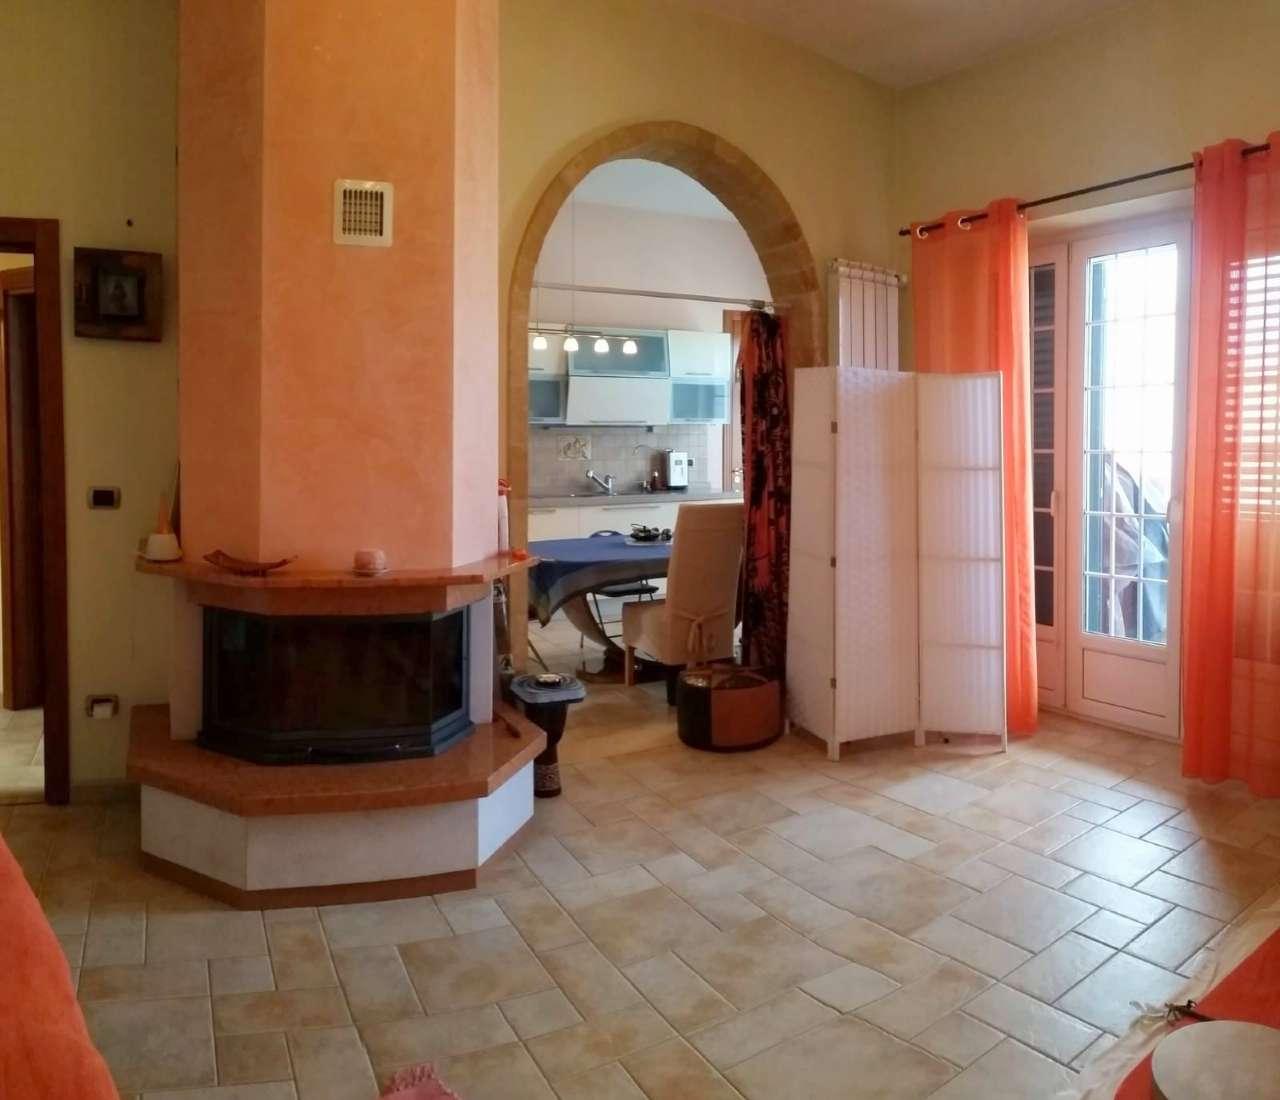 Foto 1 di Casa indipendente via Torino, Ruffano